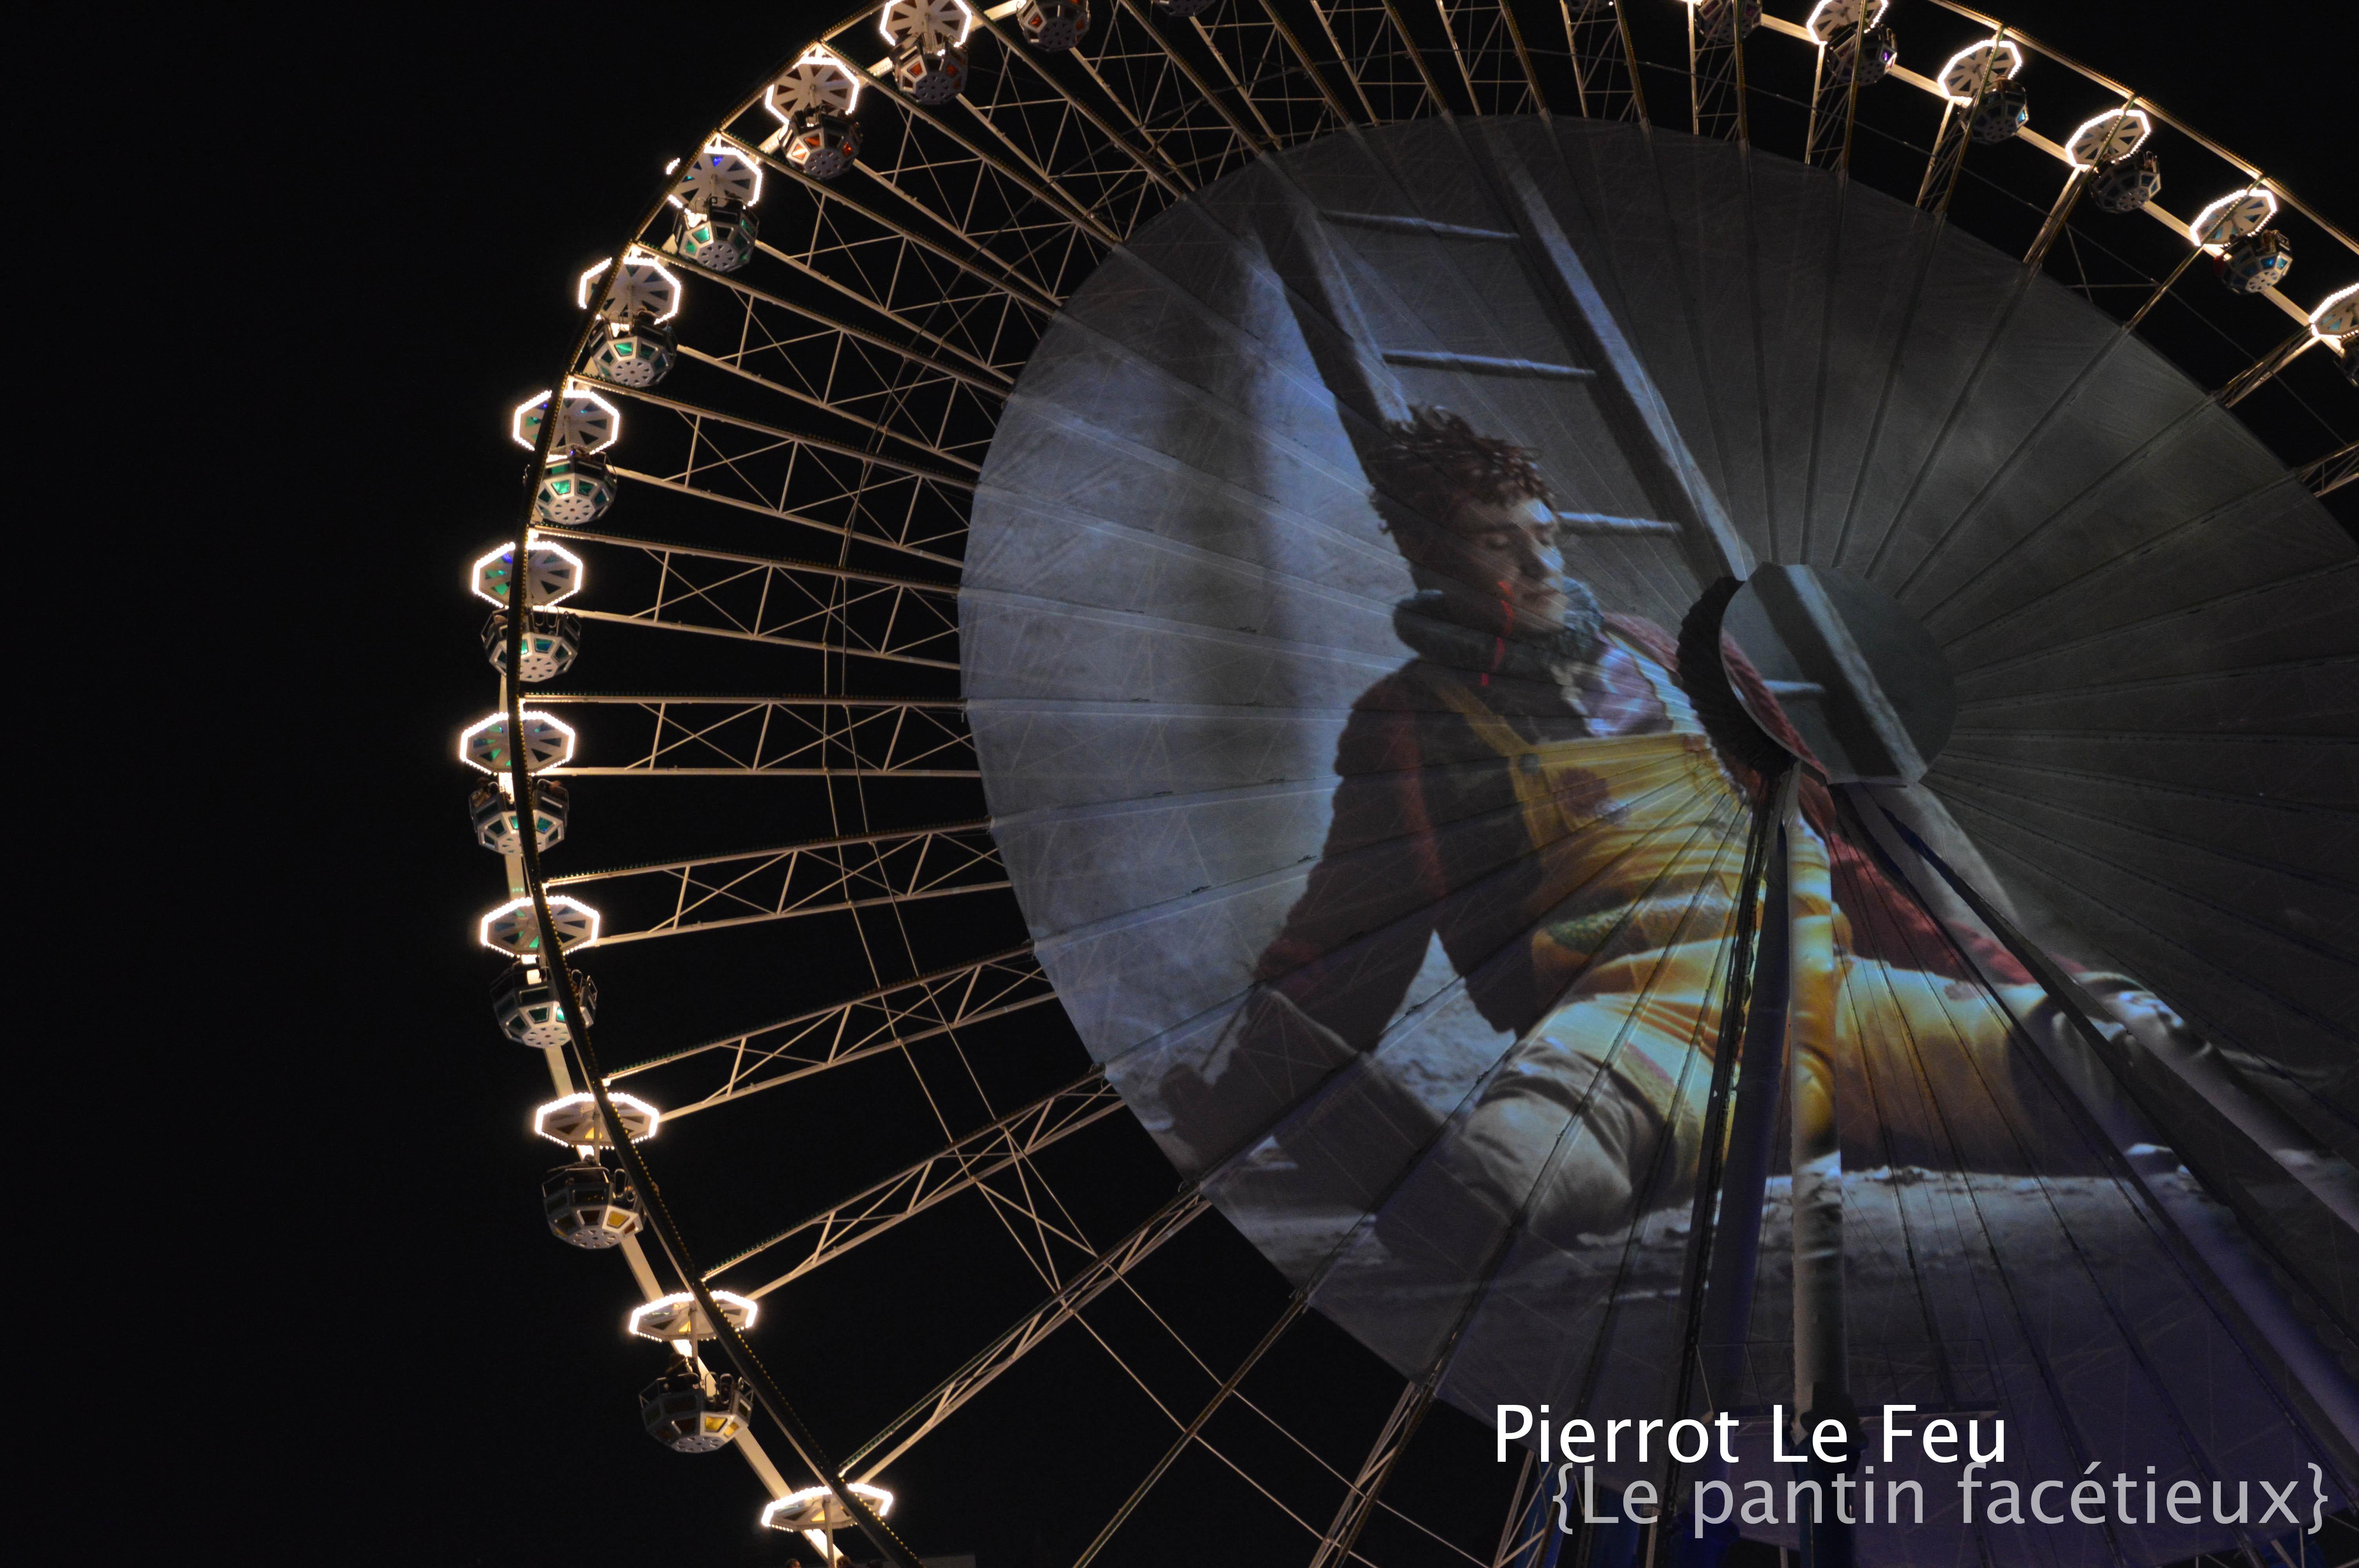 ALITTLEB_BLOG_BEAUTE_FETES_DES_LUMIERES_2013_MA_VILLE_LA_NUIT_LYON_PIERROT